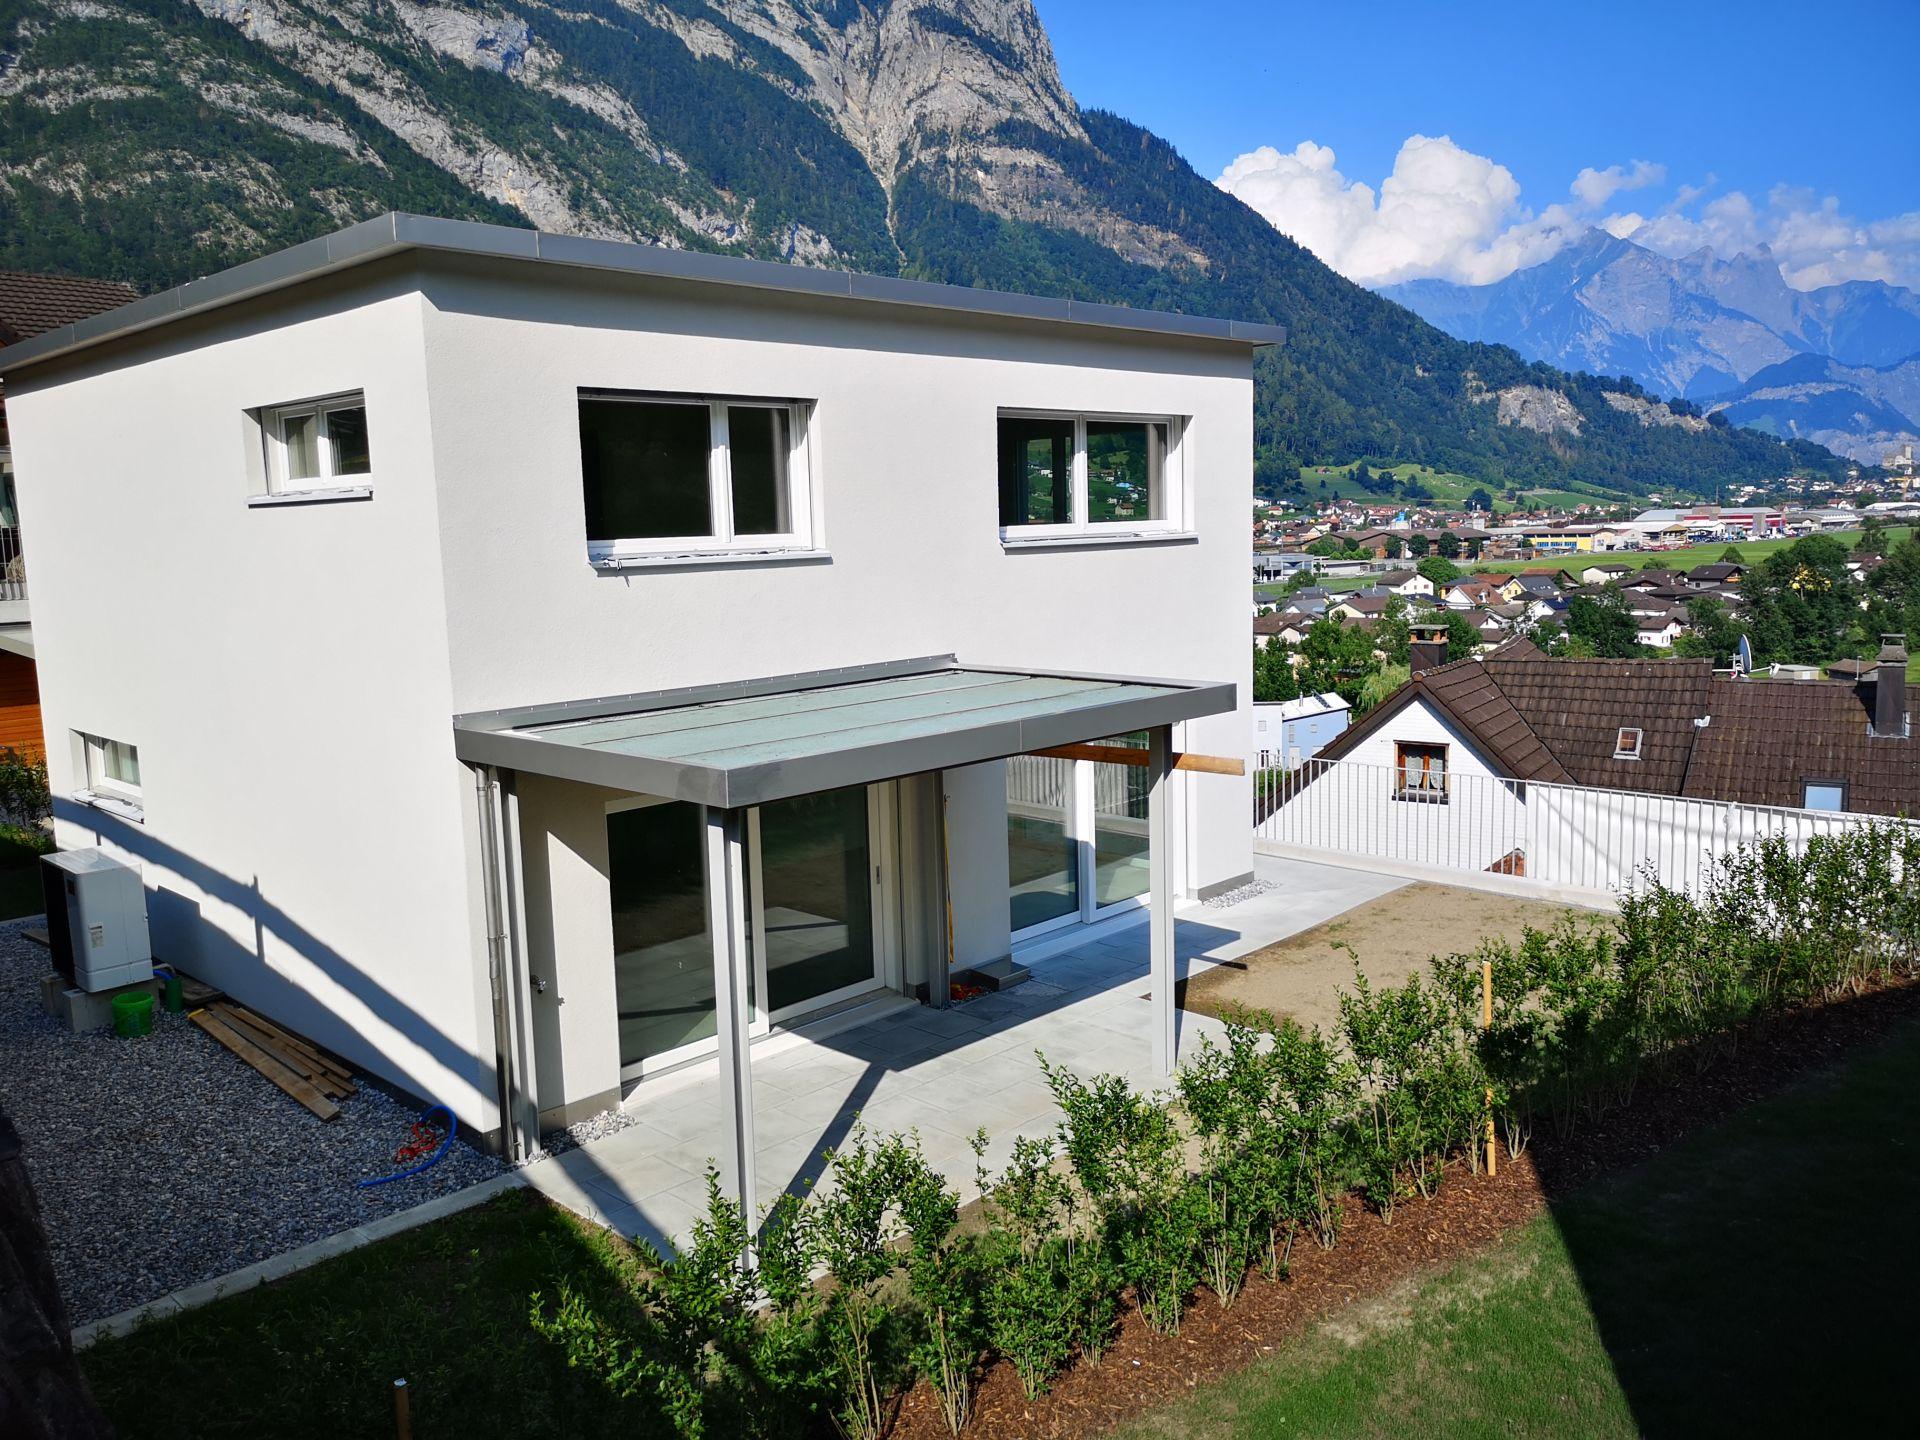 Verkauf: Einfamilienhaus an ruhiger Lage